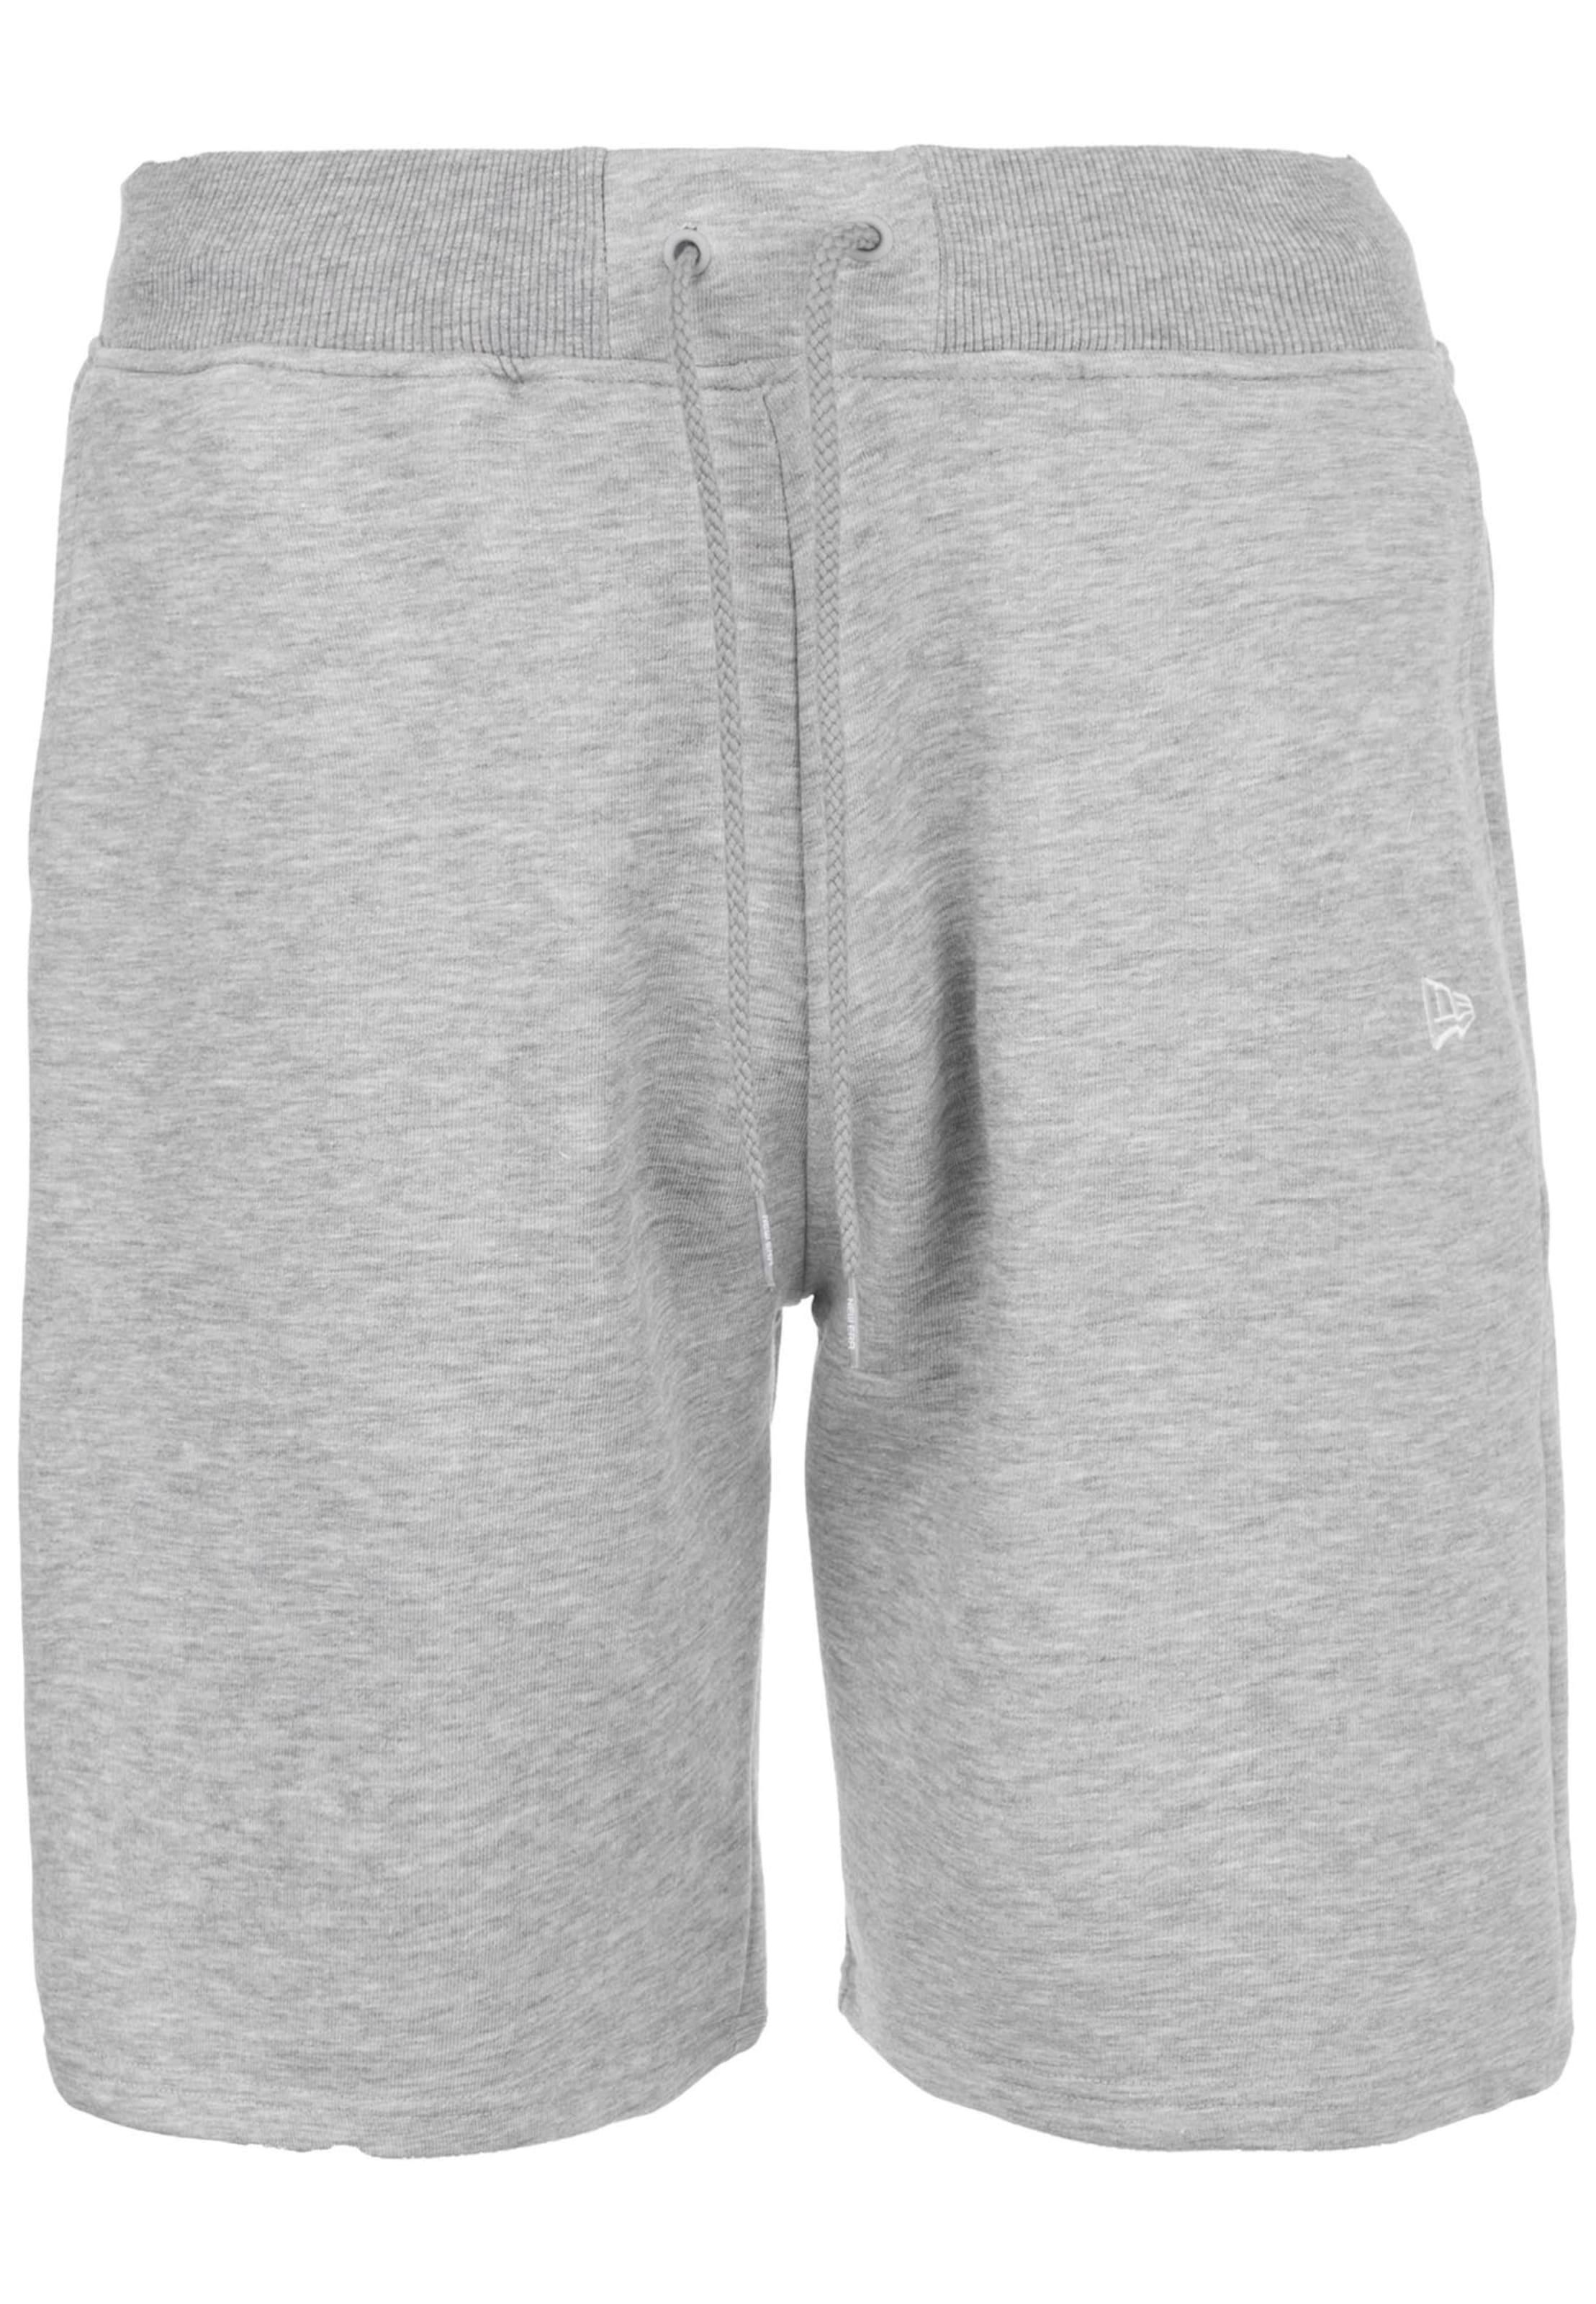 New Era Grau 'essential' In Shorts PZukXi